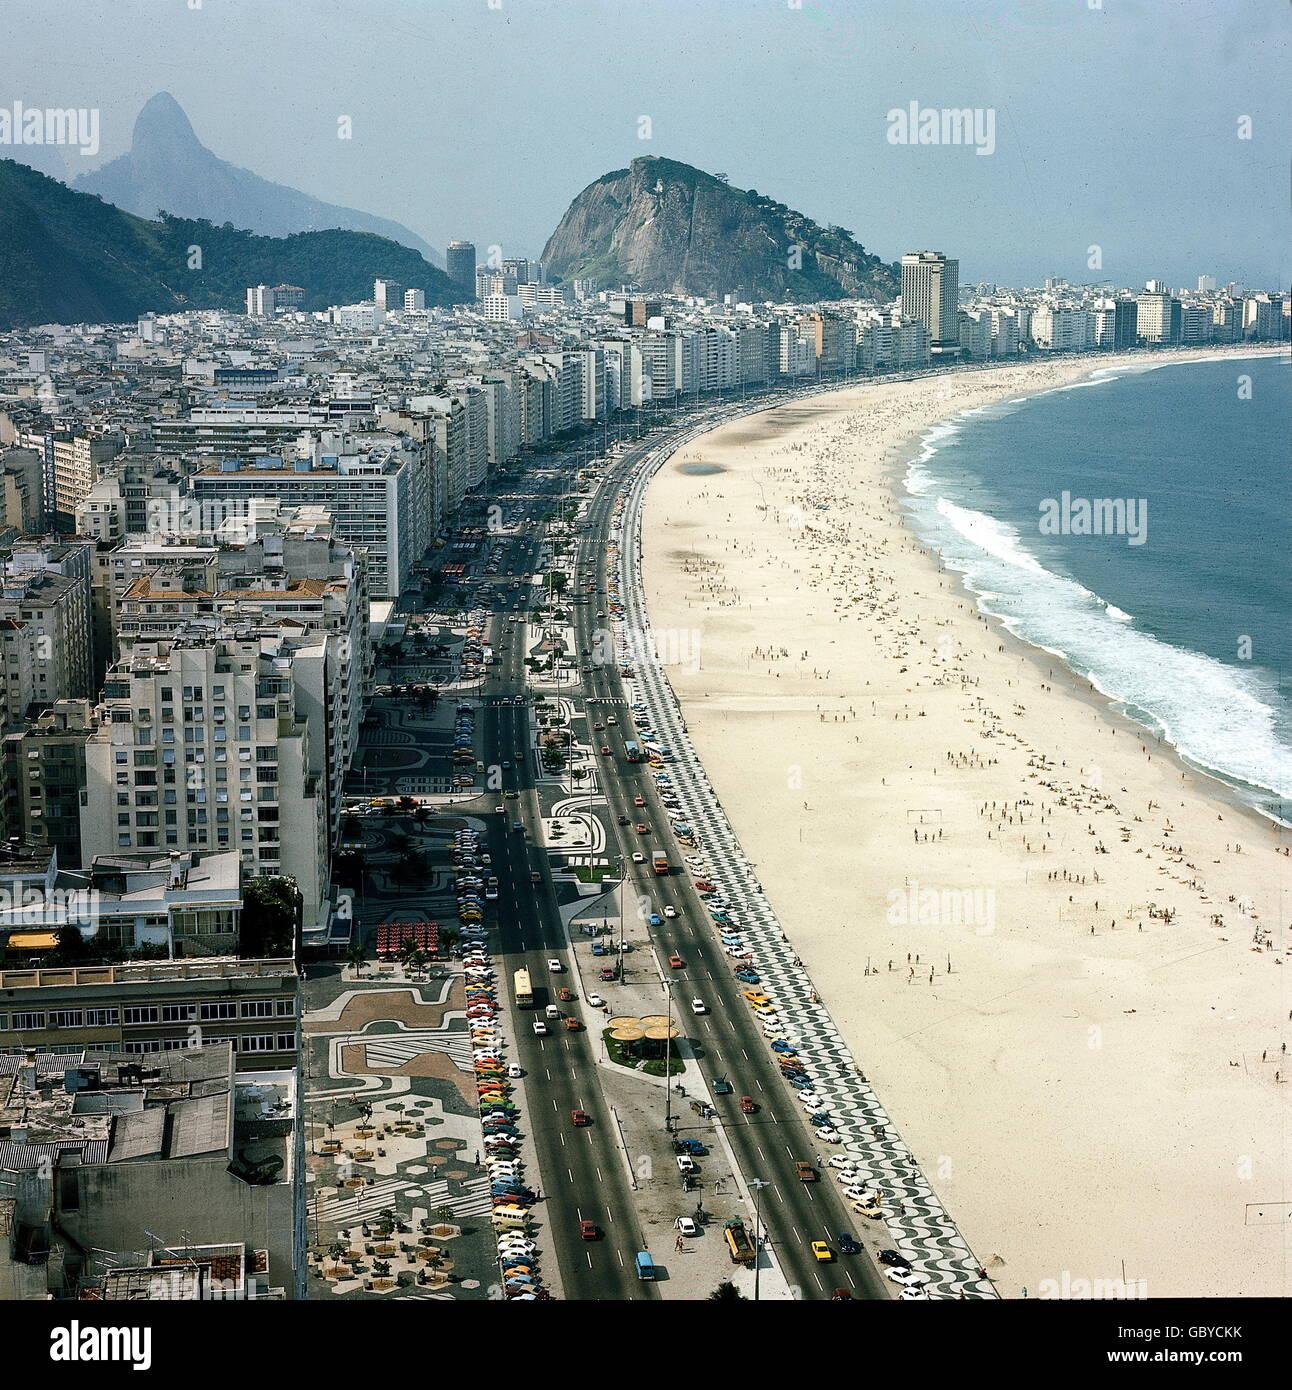 Geographie Reisen Brasilien Rio De Janeiro Copa Cabana 1970er Jahre Zusatzliche Rechte Clearences Nicht Verfugbar Stockfotografie Alamy